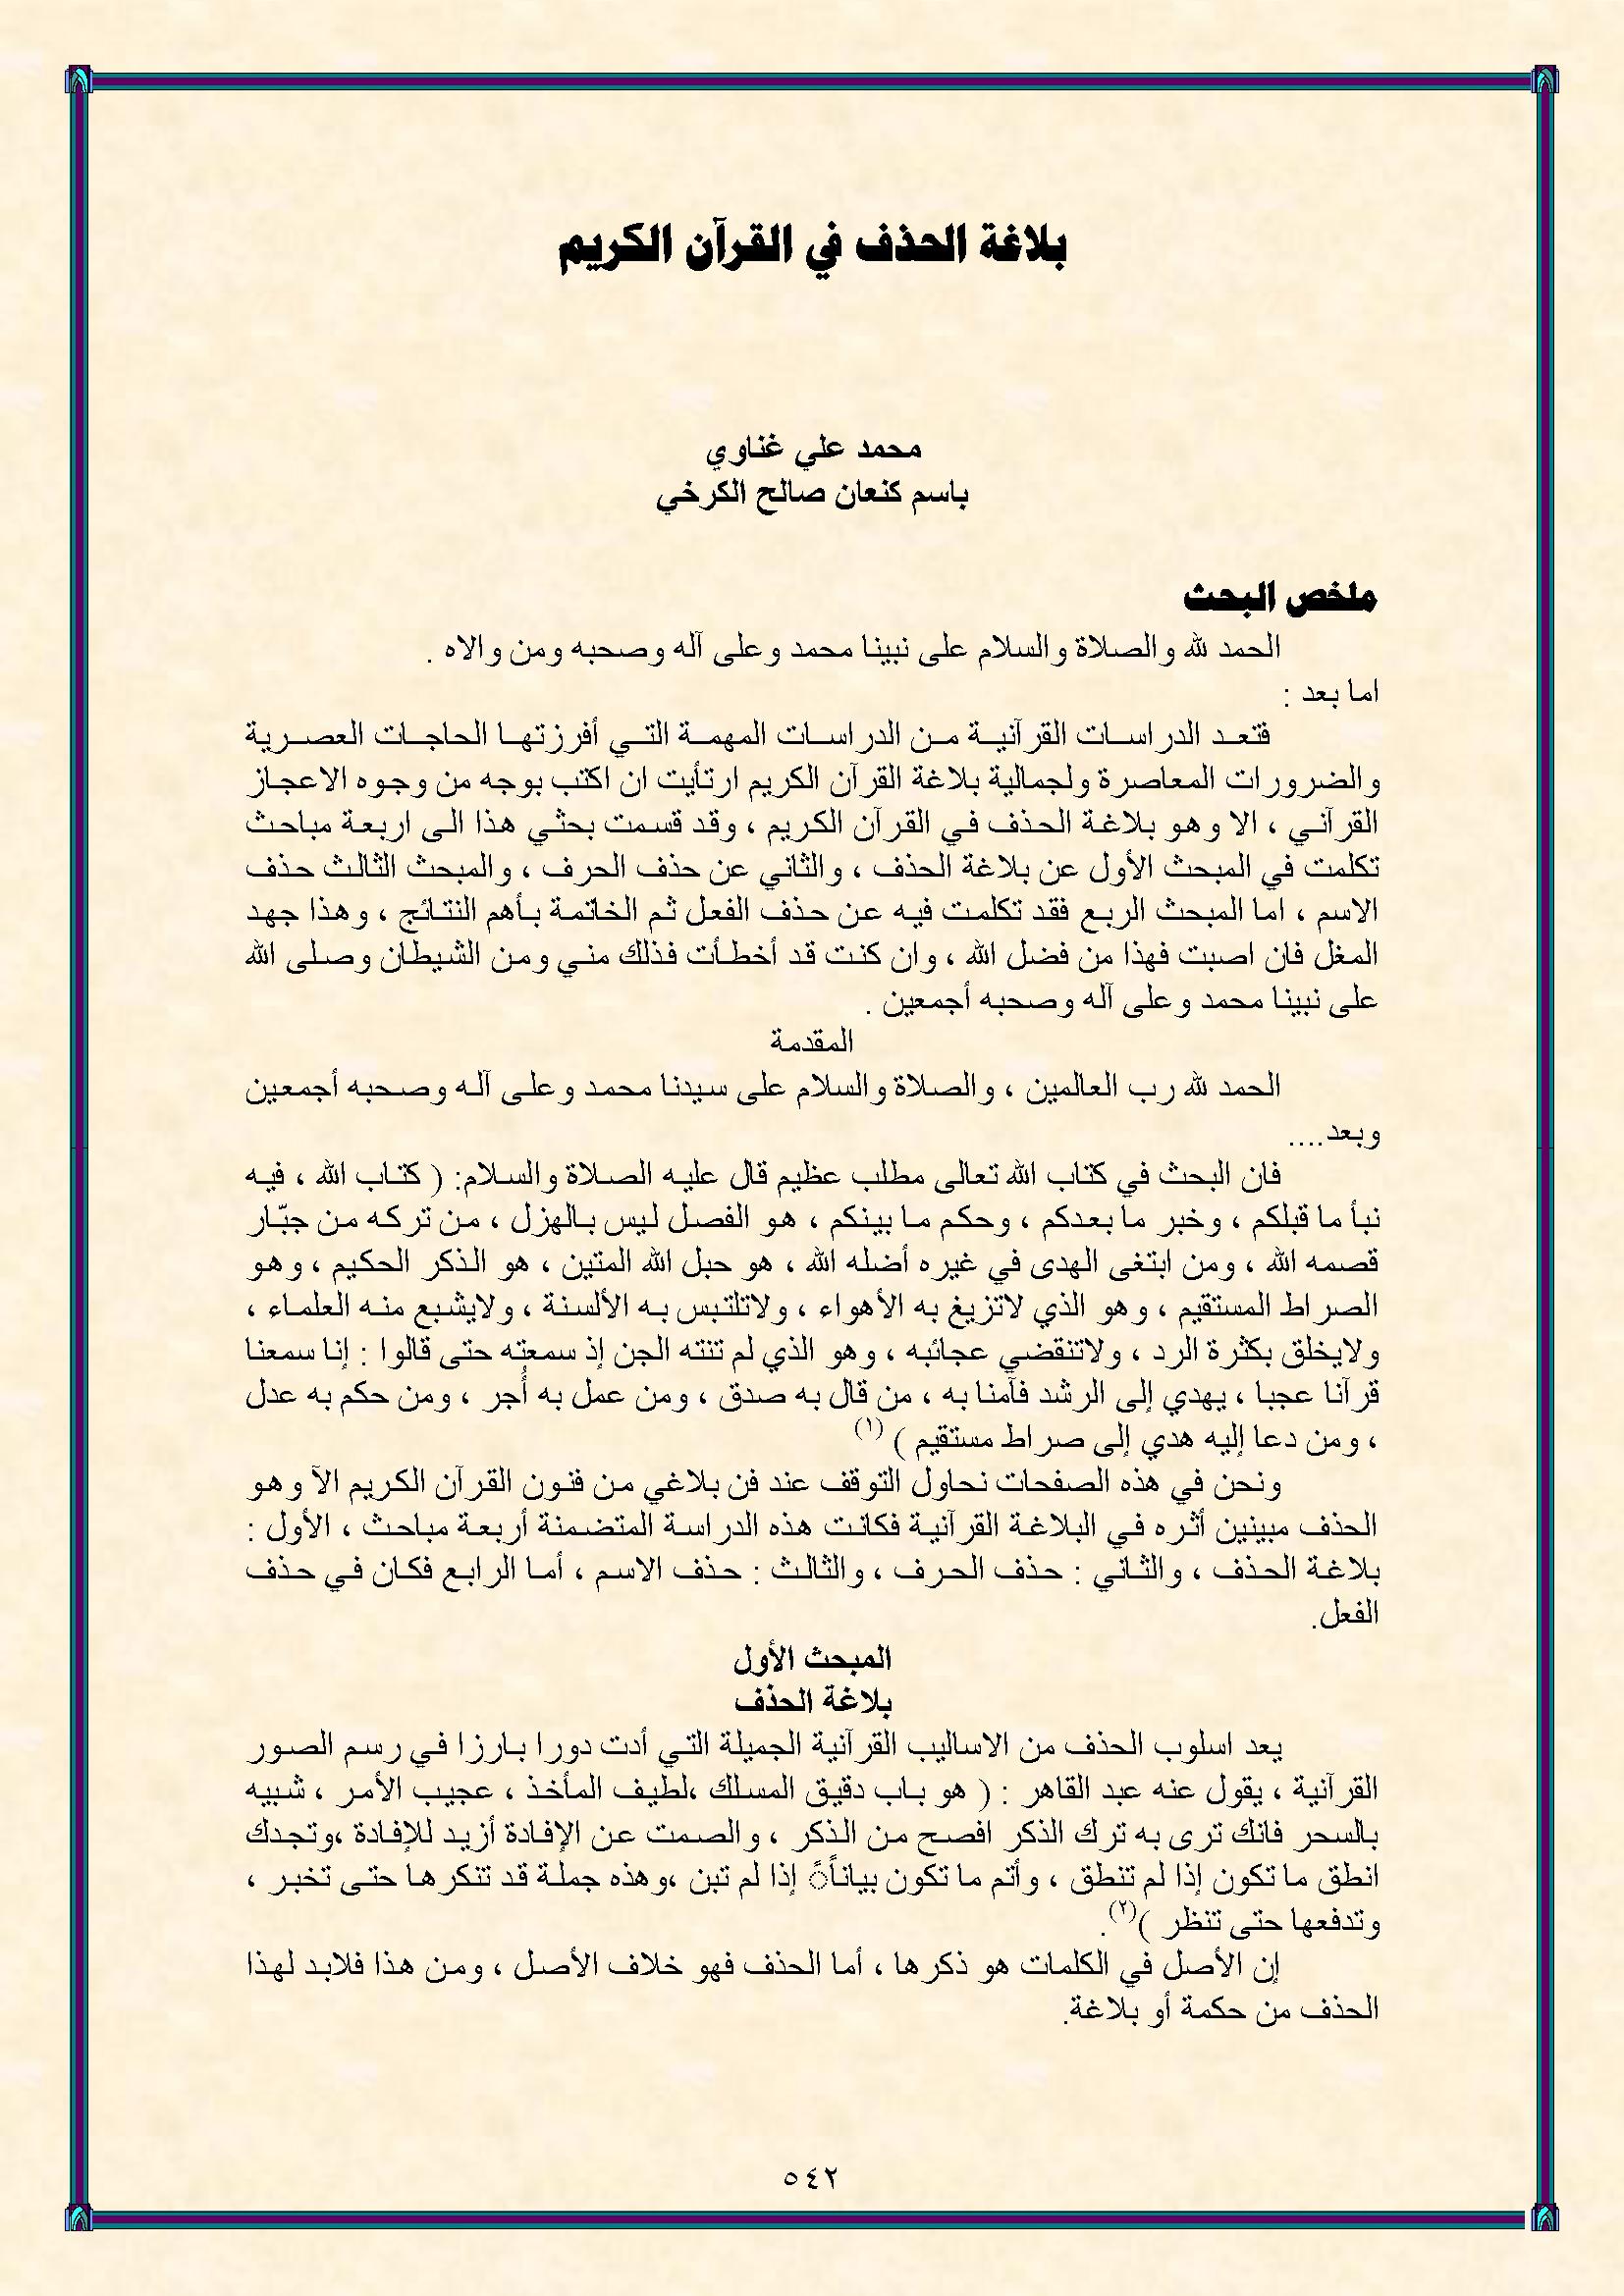 تحميل كتاب بلاغة الحذف في القرآن الكريم لـِ: الدكتور محمد علي غناوي هاني الحمداني